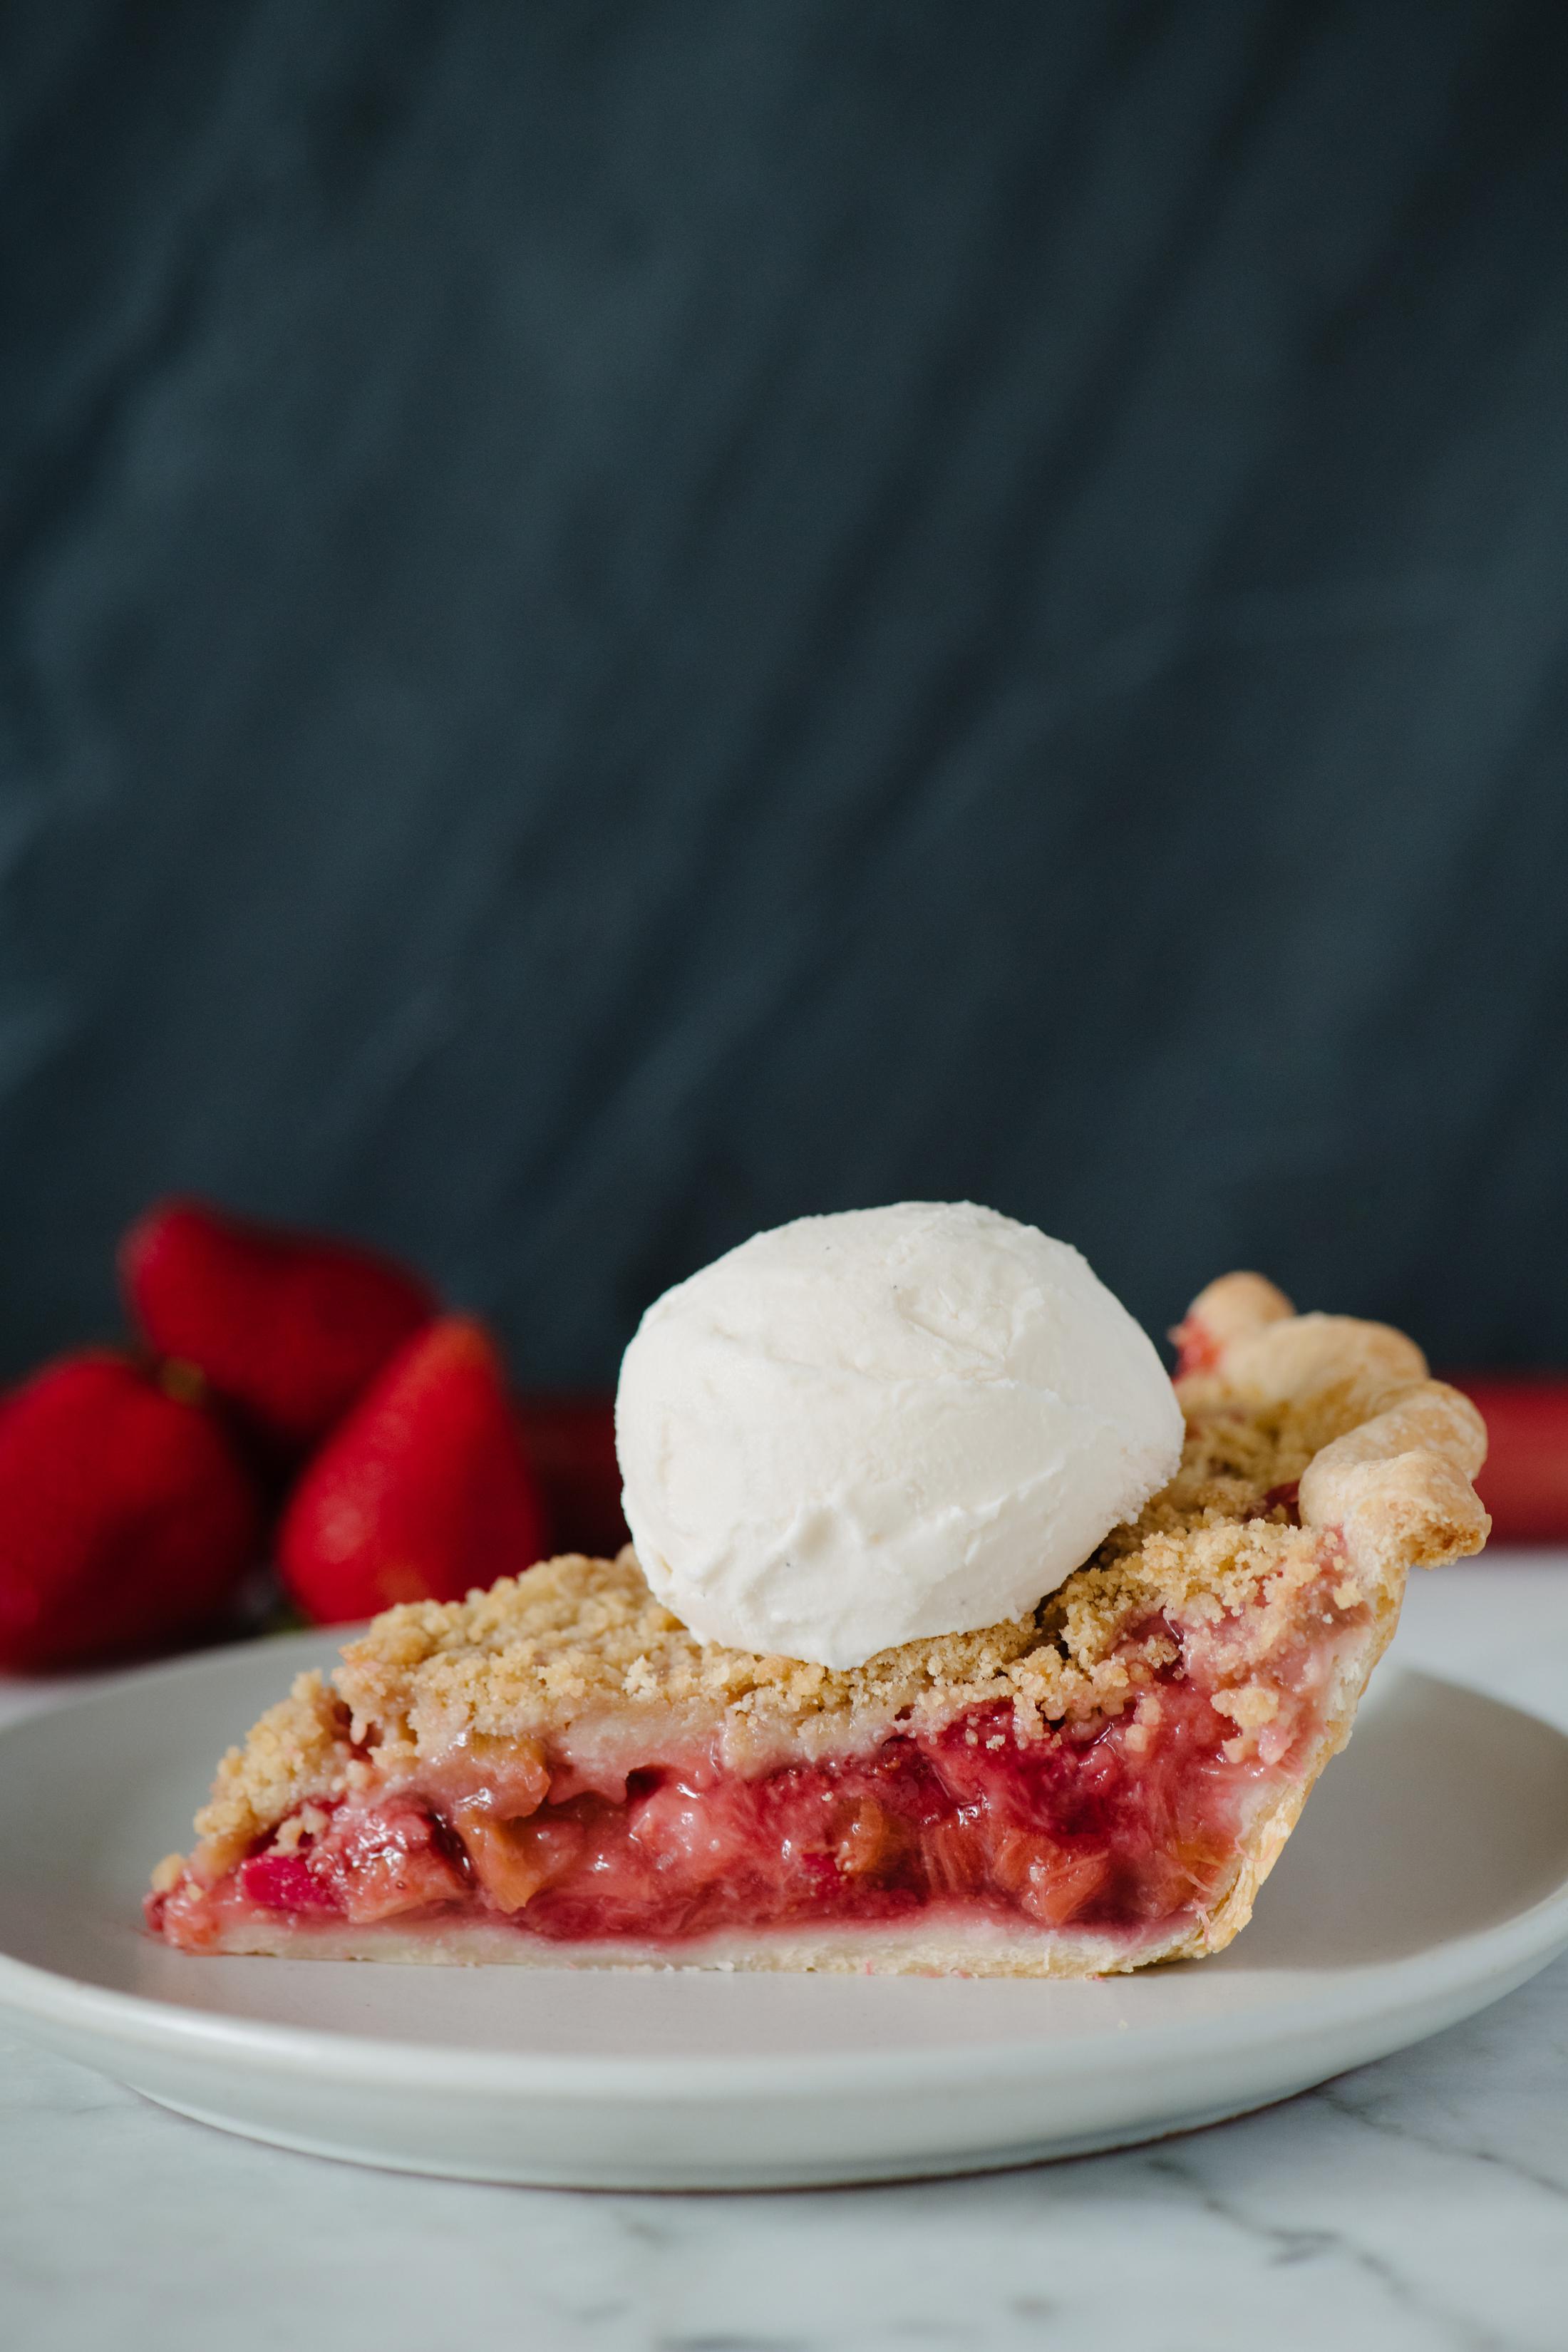 StrawberryRhubarbPie16